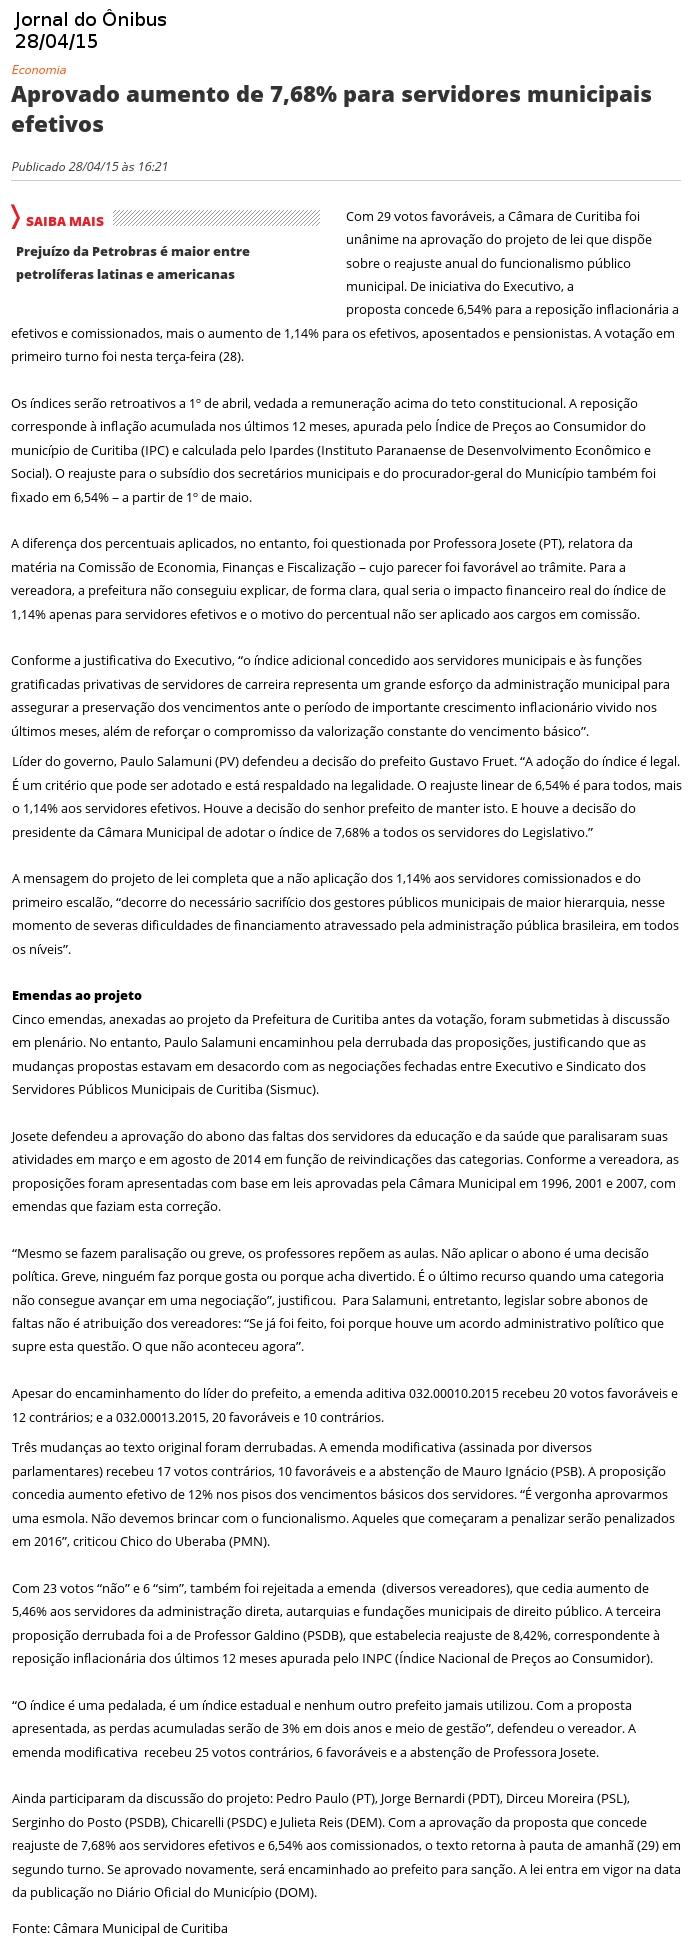 jornal do onibus 3004